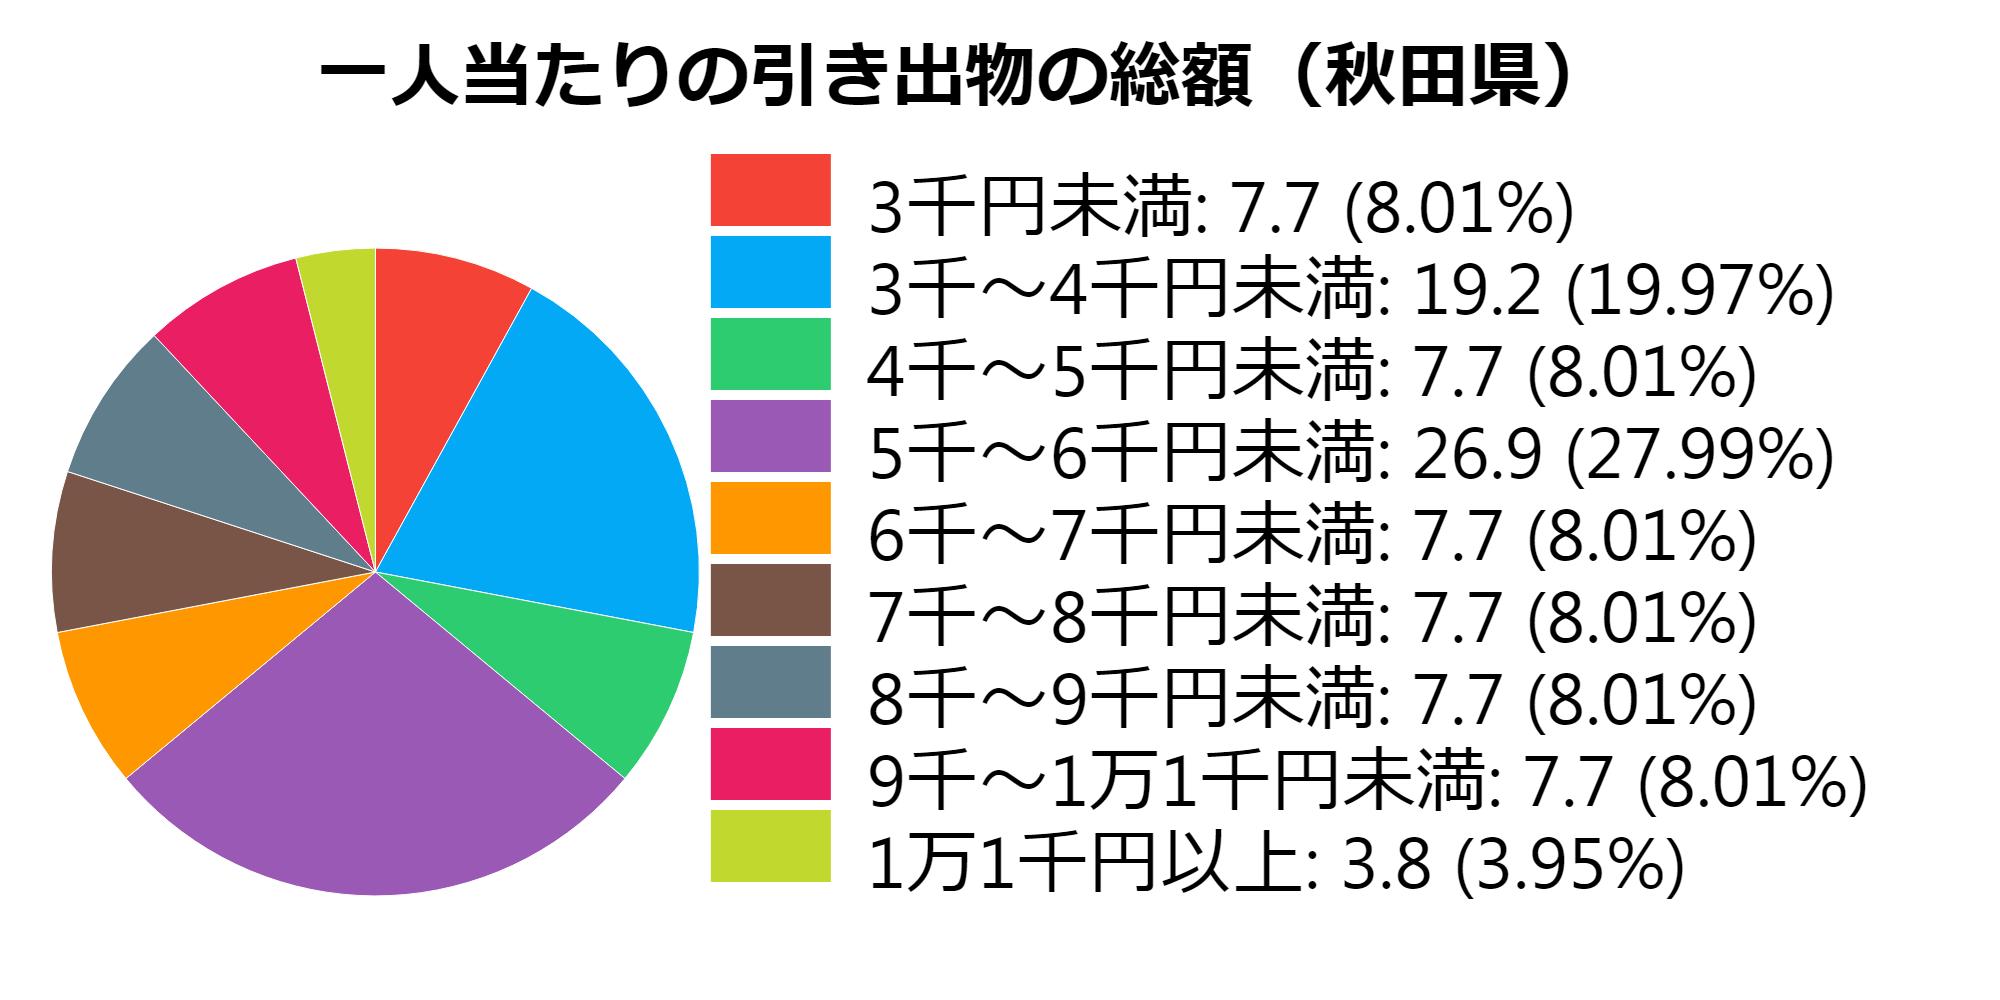 総額(秋田)